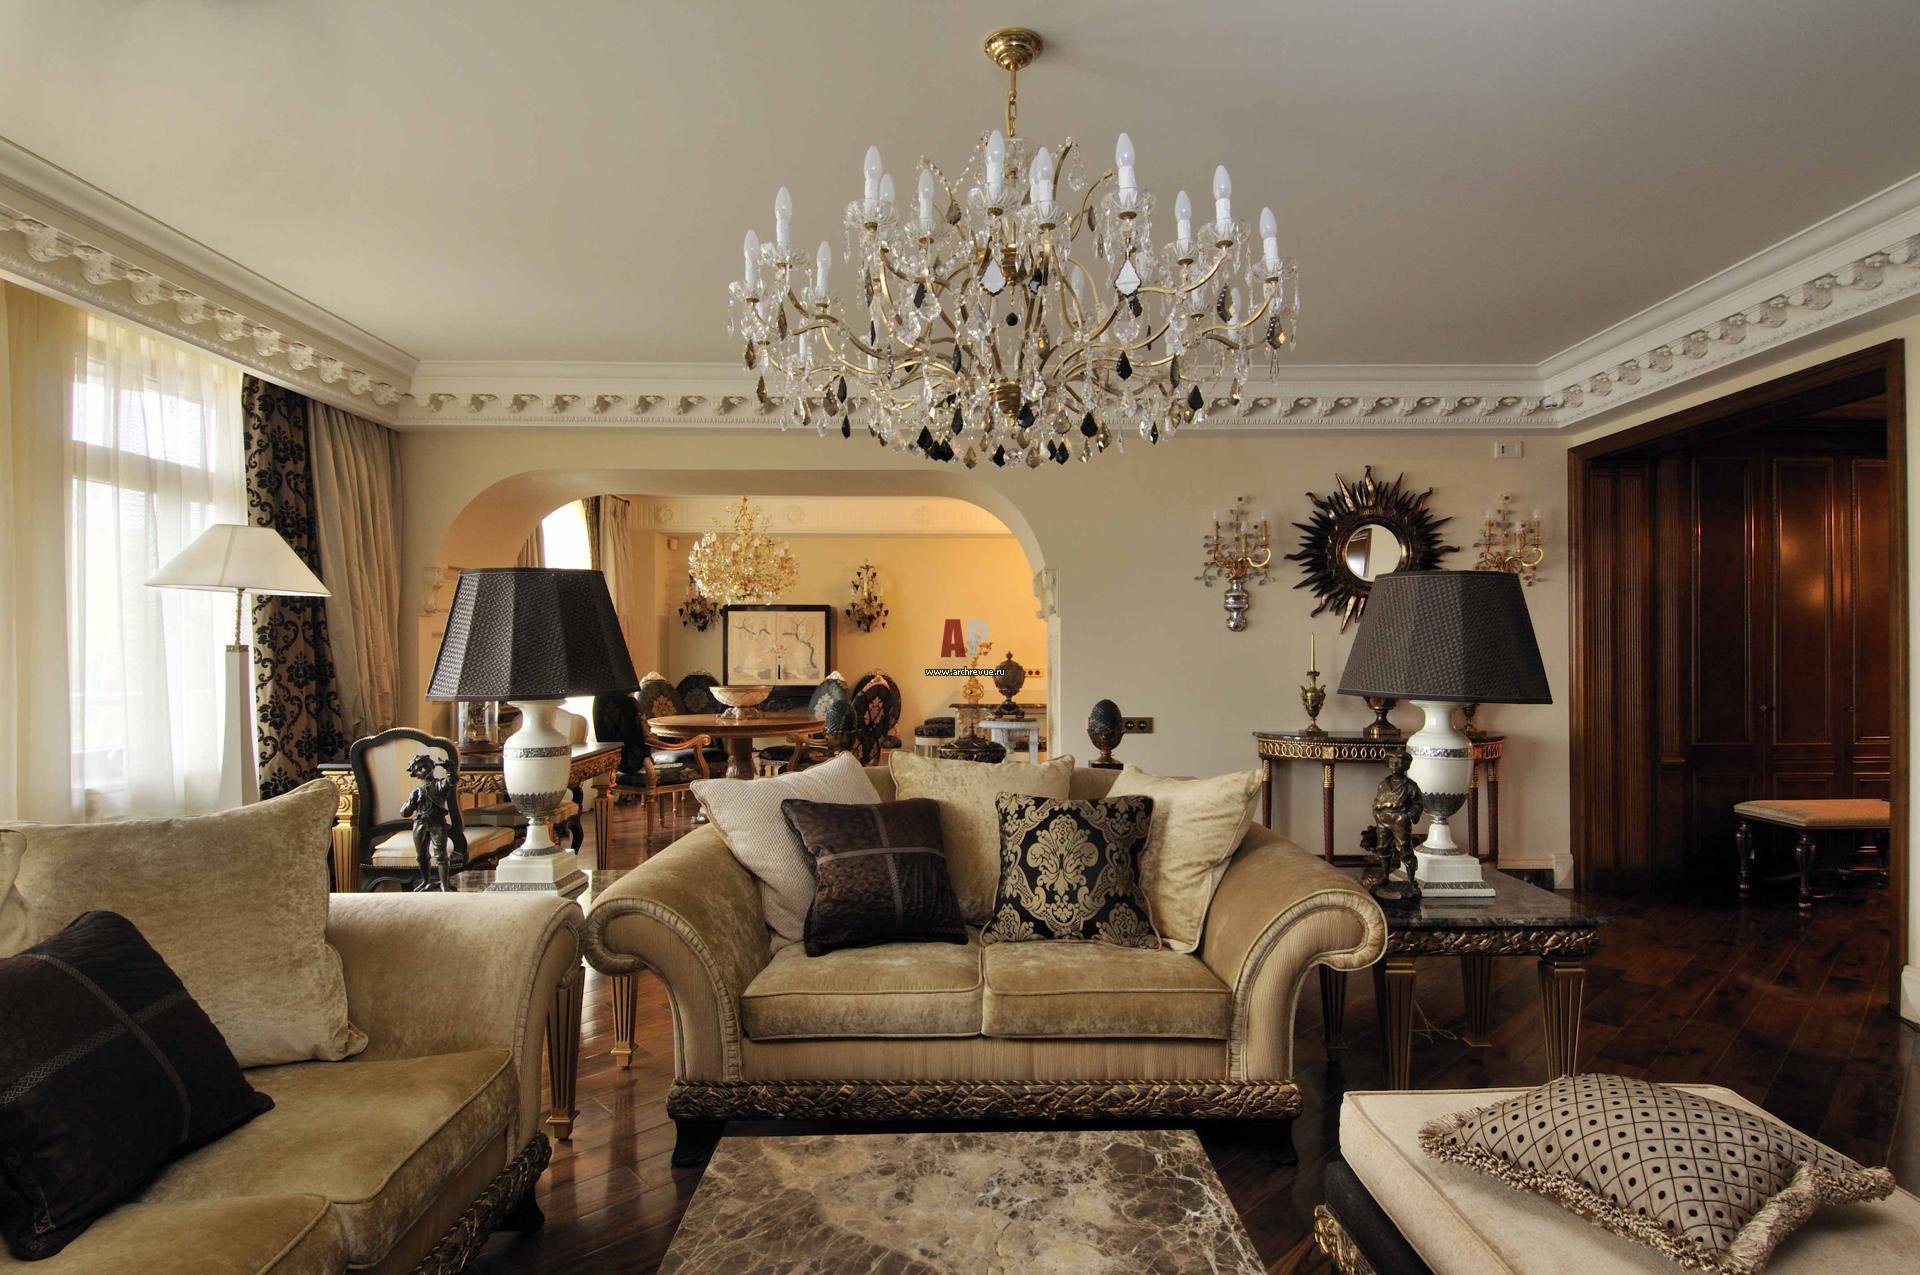 Потолочные люстры в классическом стиле для гостиной